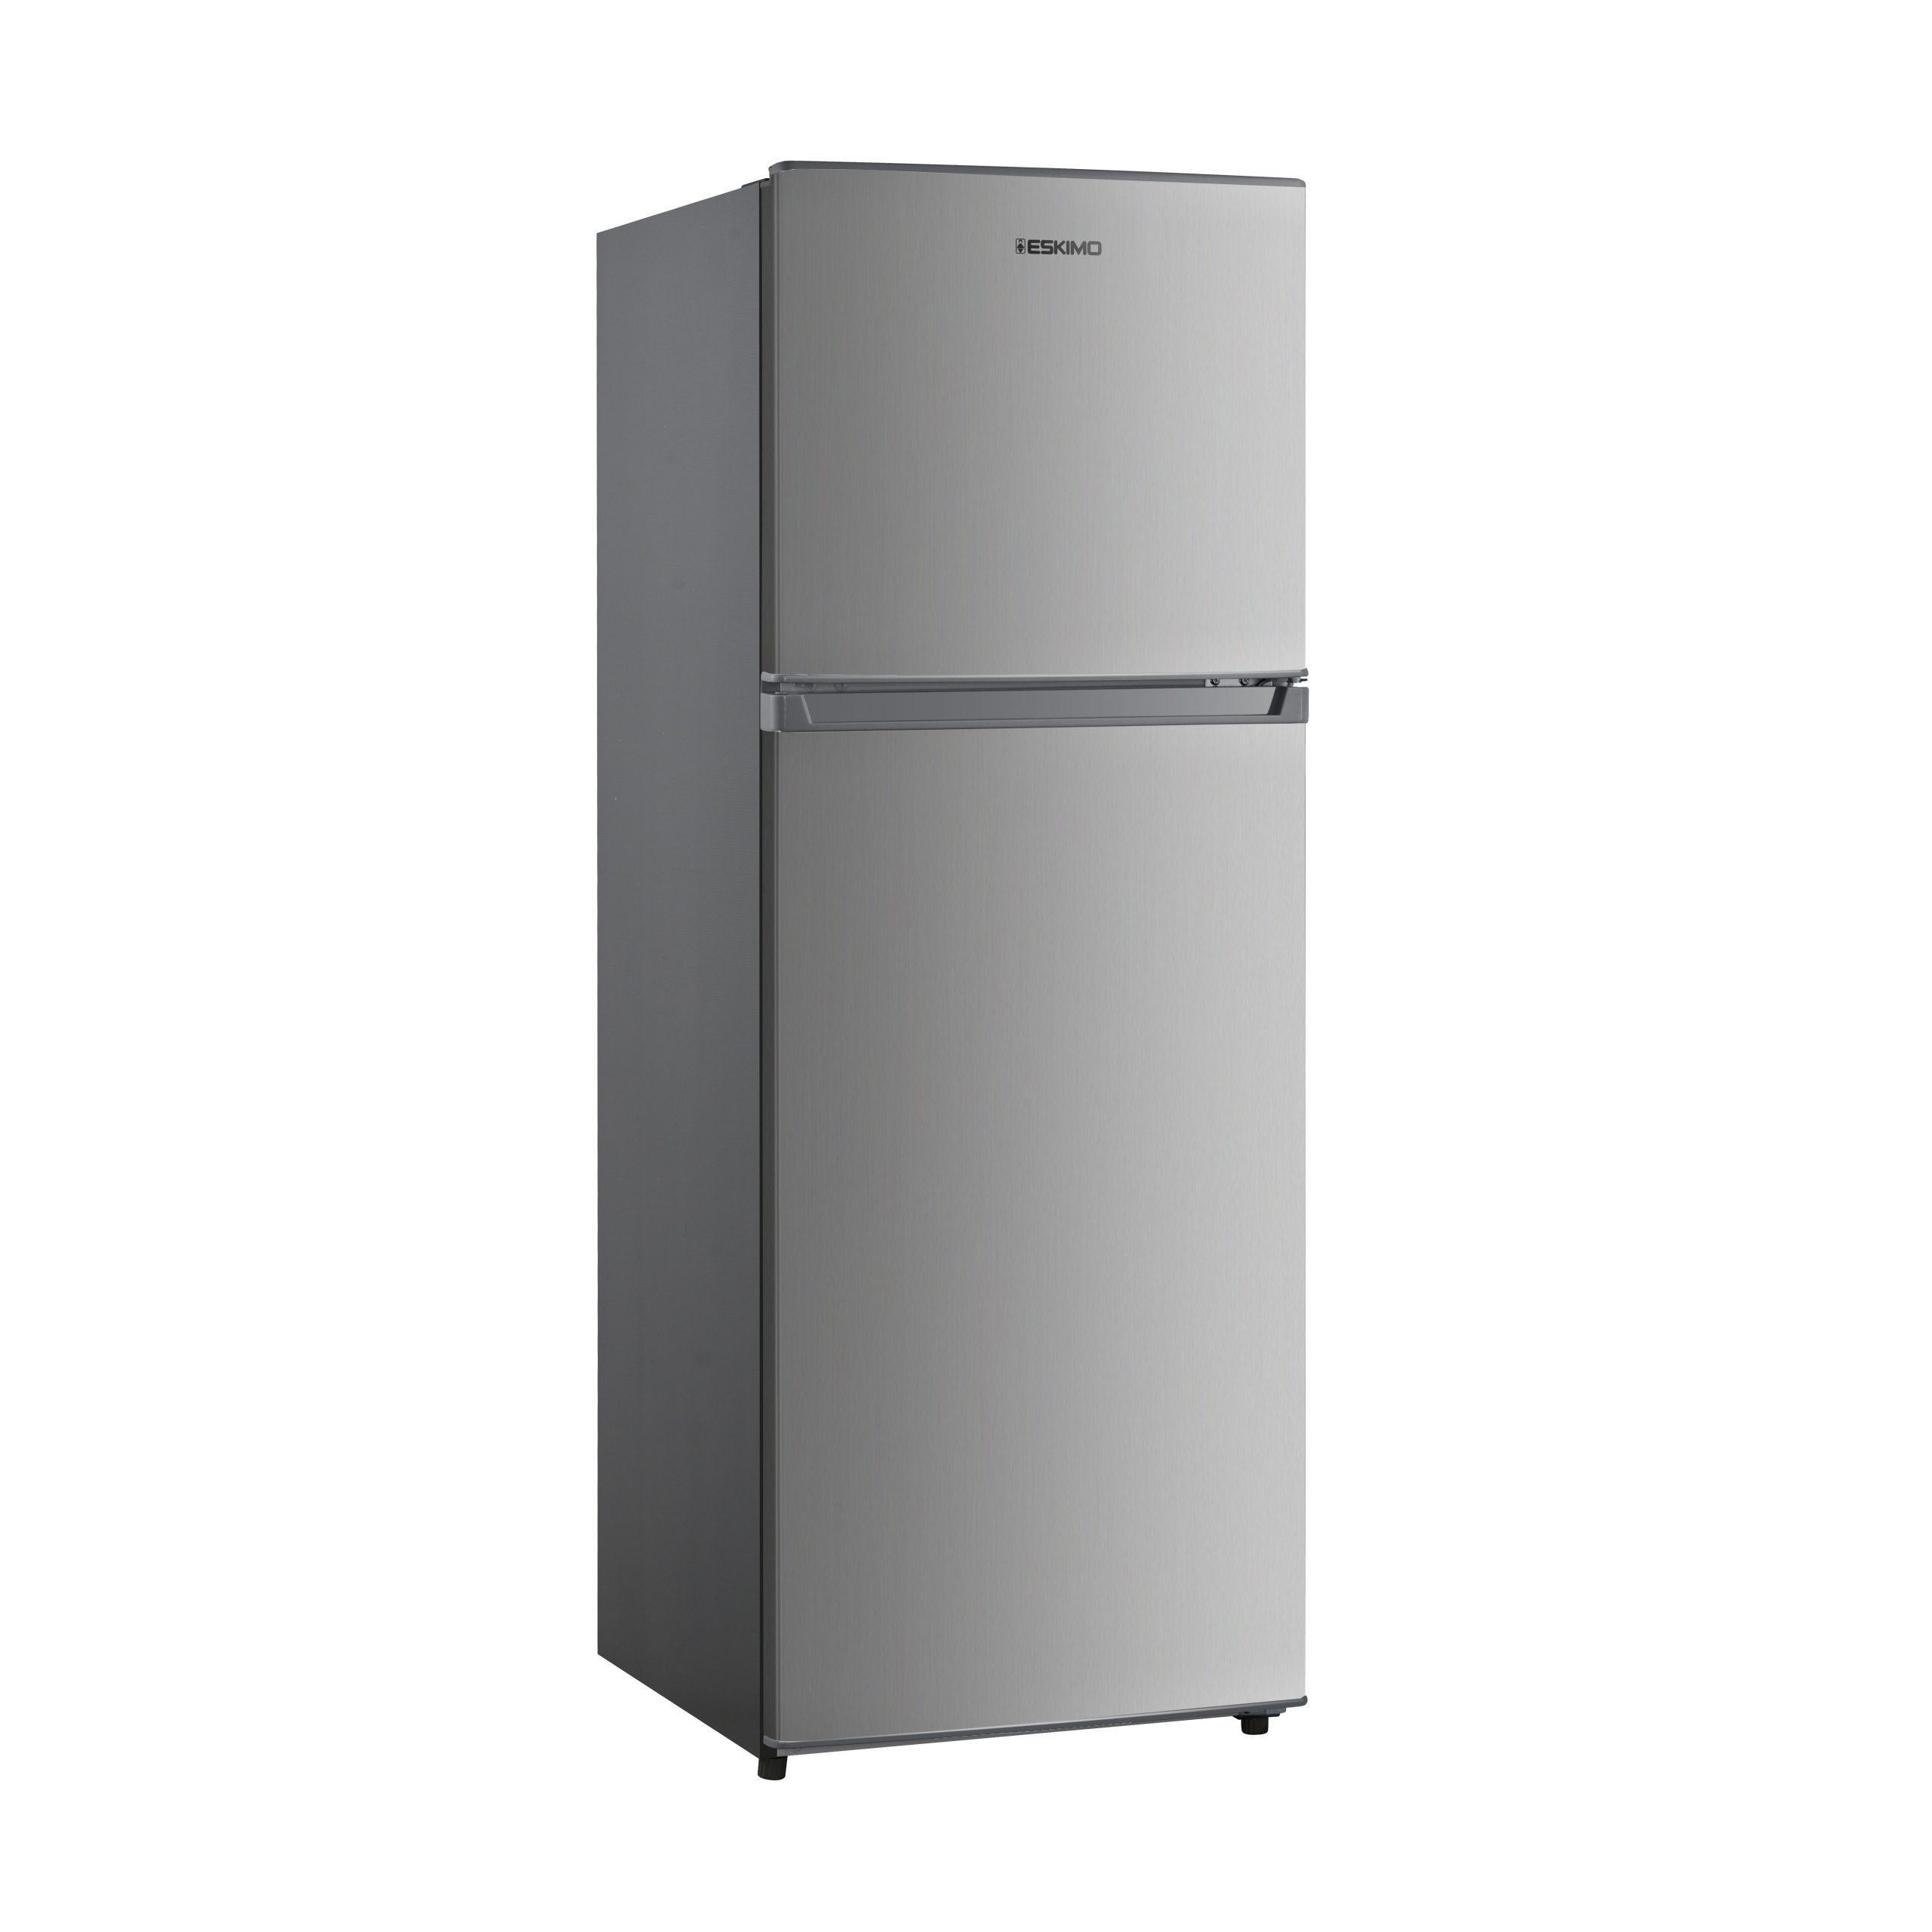 Eskimo Δίπορτο Ψυγείο ES 8197 NF S